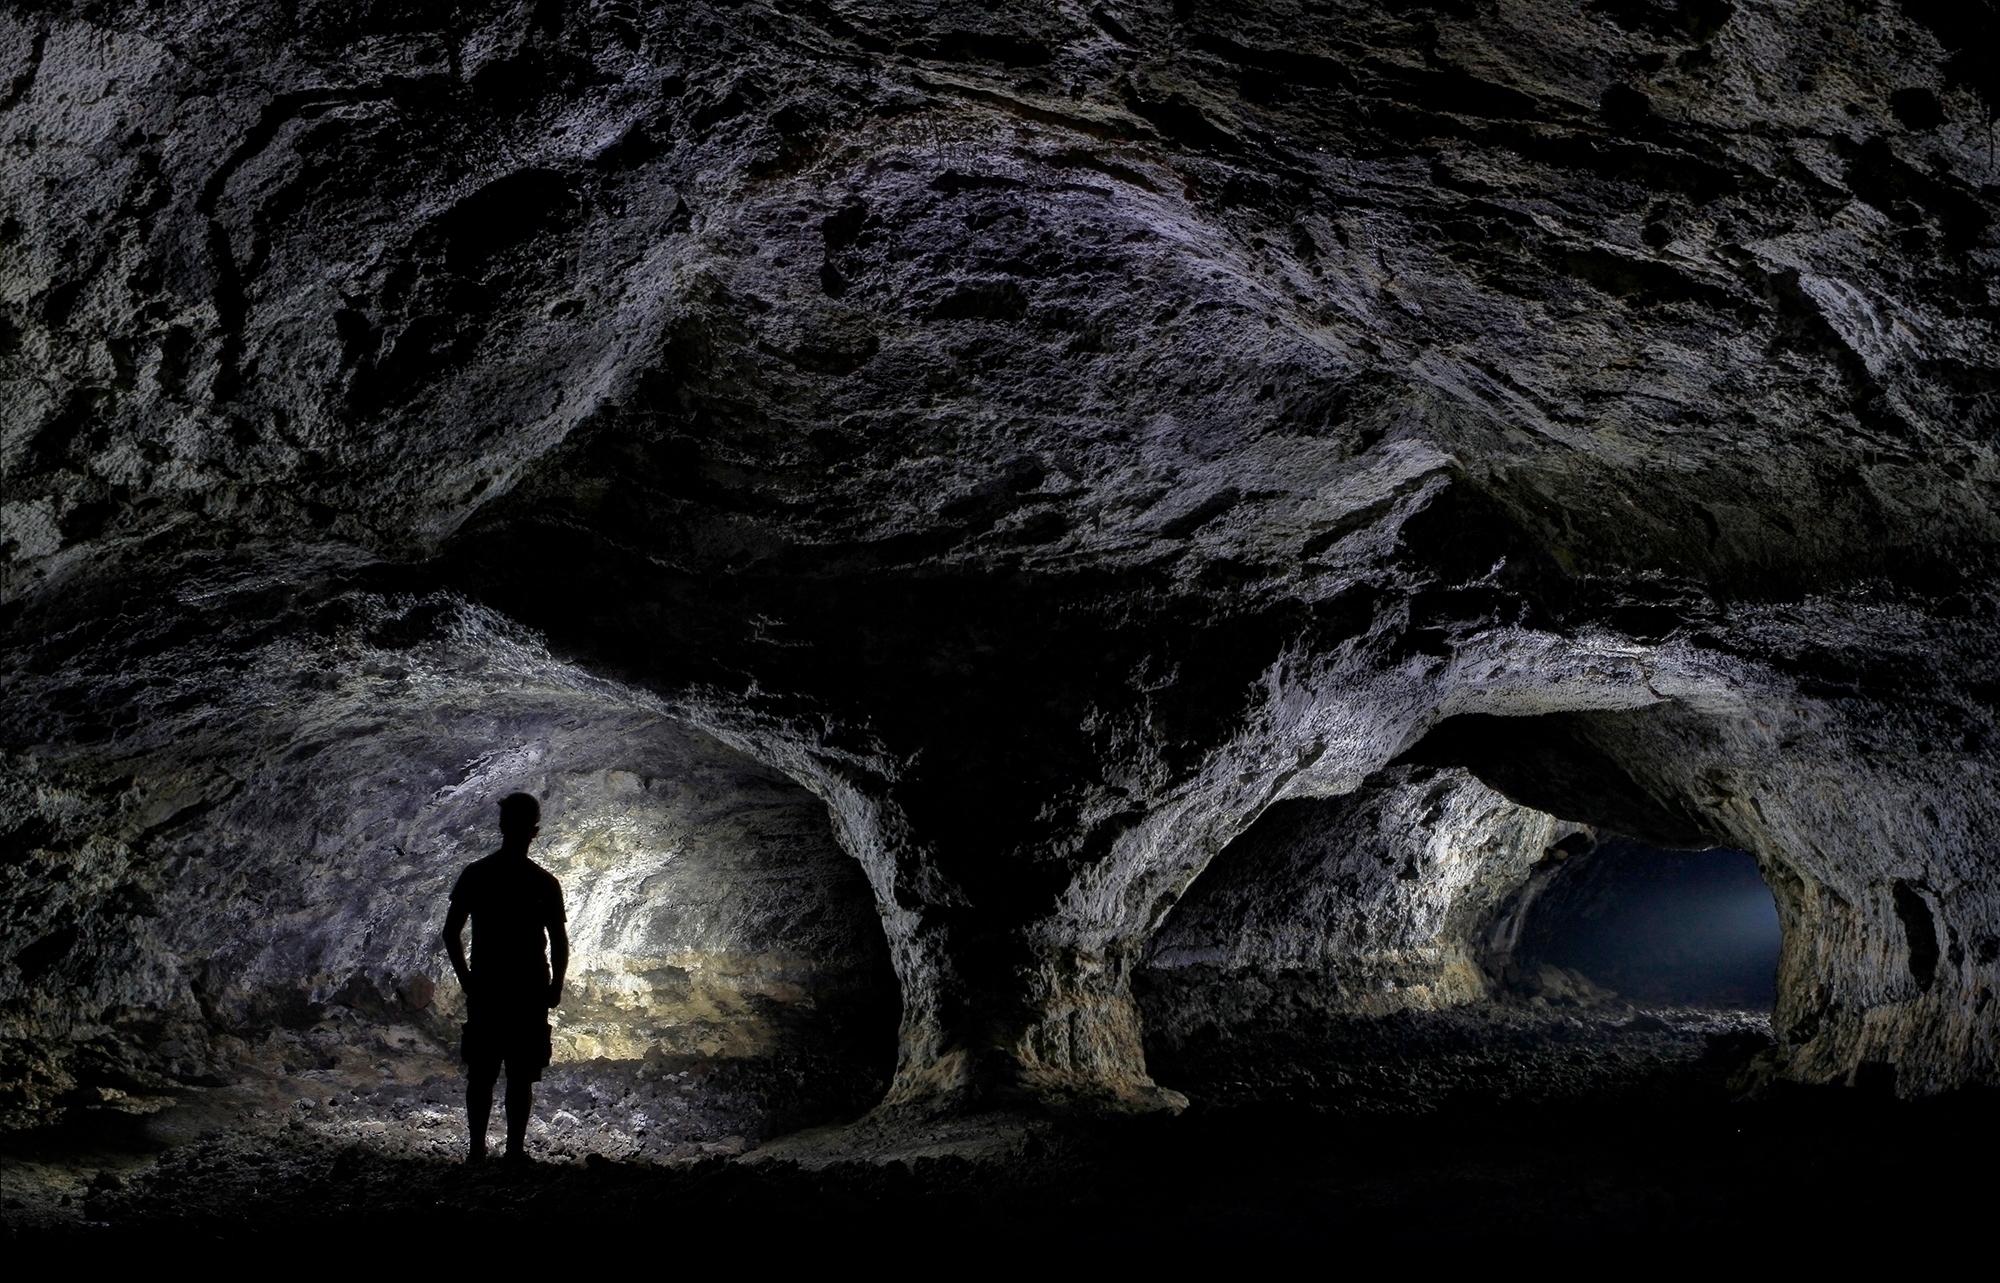 Cueva de los Naturalistas Spani - forgottenheritage | ello